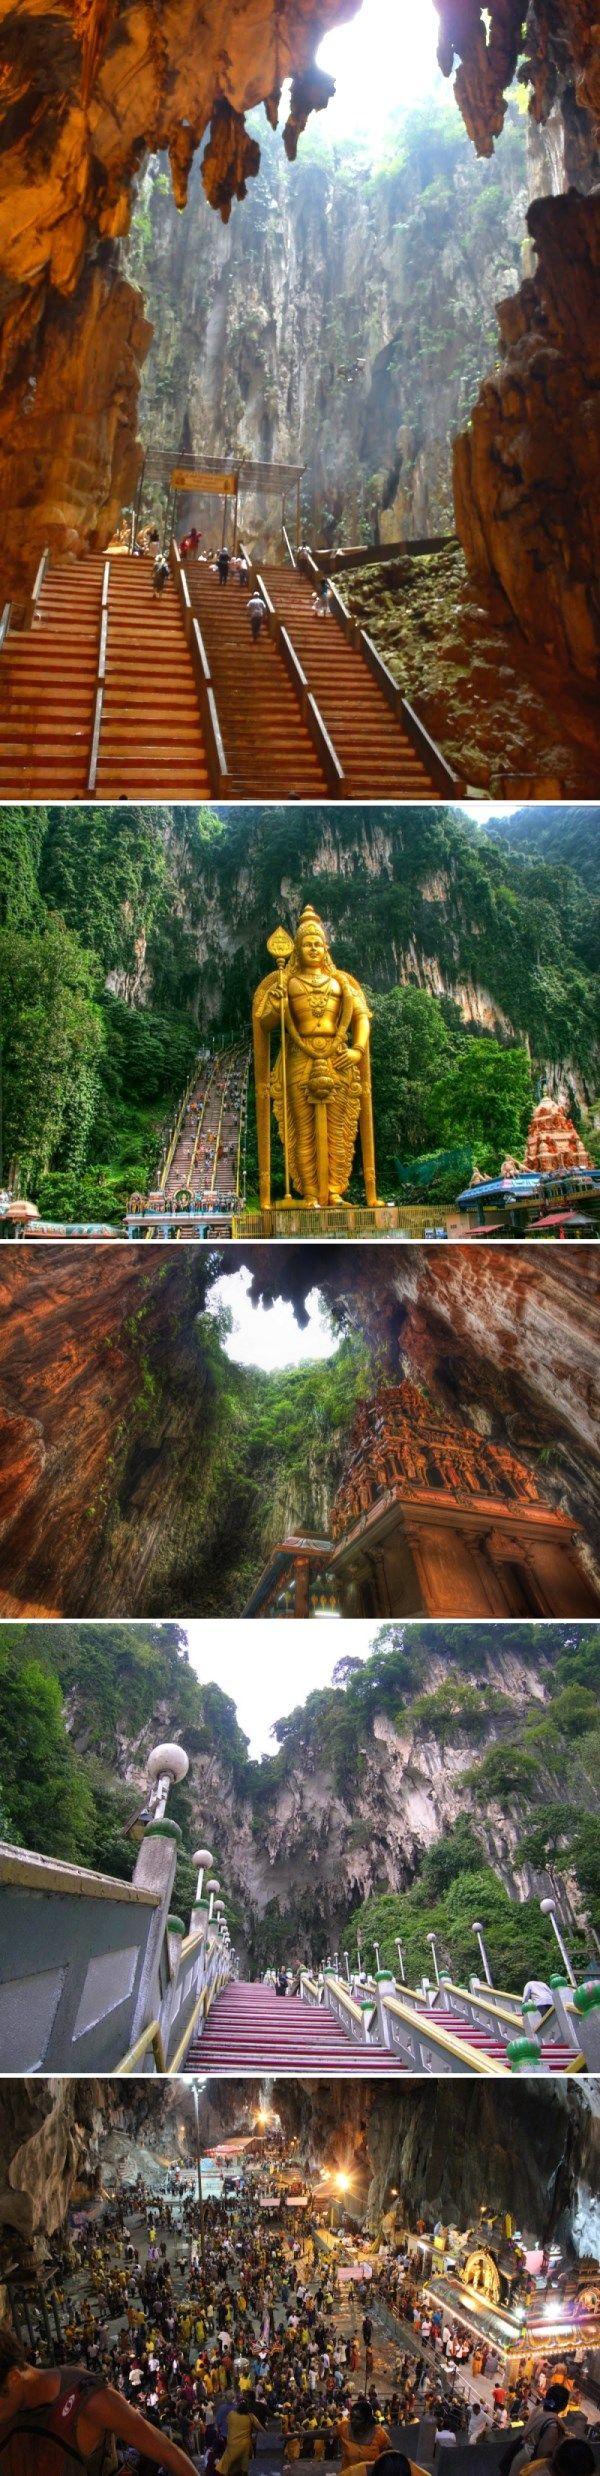 Пещеры Бату находятся недалеко от города Куала-Лумпур - столицы Малайзии. Говорят, давным-давно здесь нашли корову с двумя головами. Представь восторг индусов, для которых корова священна! С тех пор это не просто пещеры, а индуистская святыня, которая посвящена богу Муругану - индуистскому богу войны и победы, покровителю воинов, охотников и воров. Именно его 43-метровая статуя встречает тебя перед входом в пещеру. https://www.facebook.com/nespi.ru/posts/637495463004285